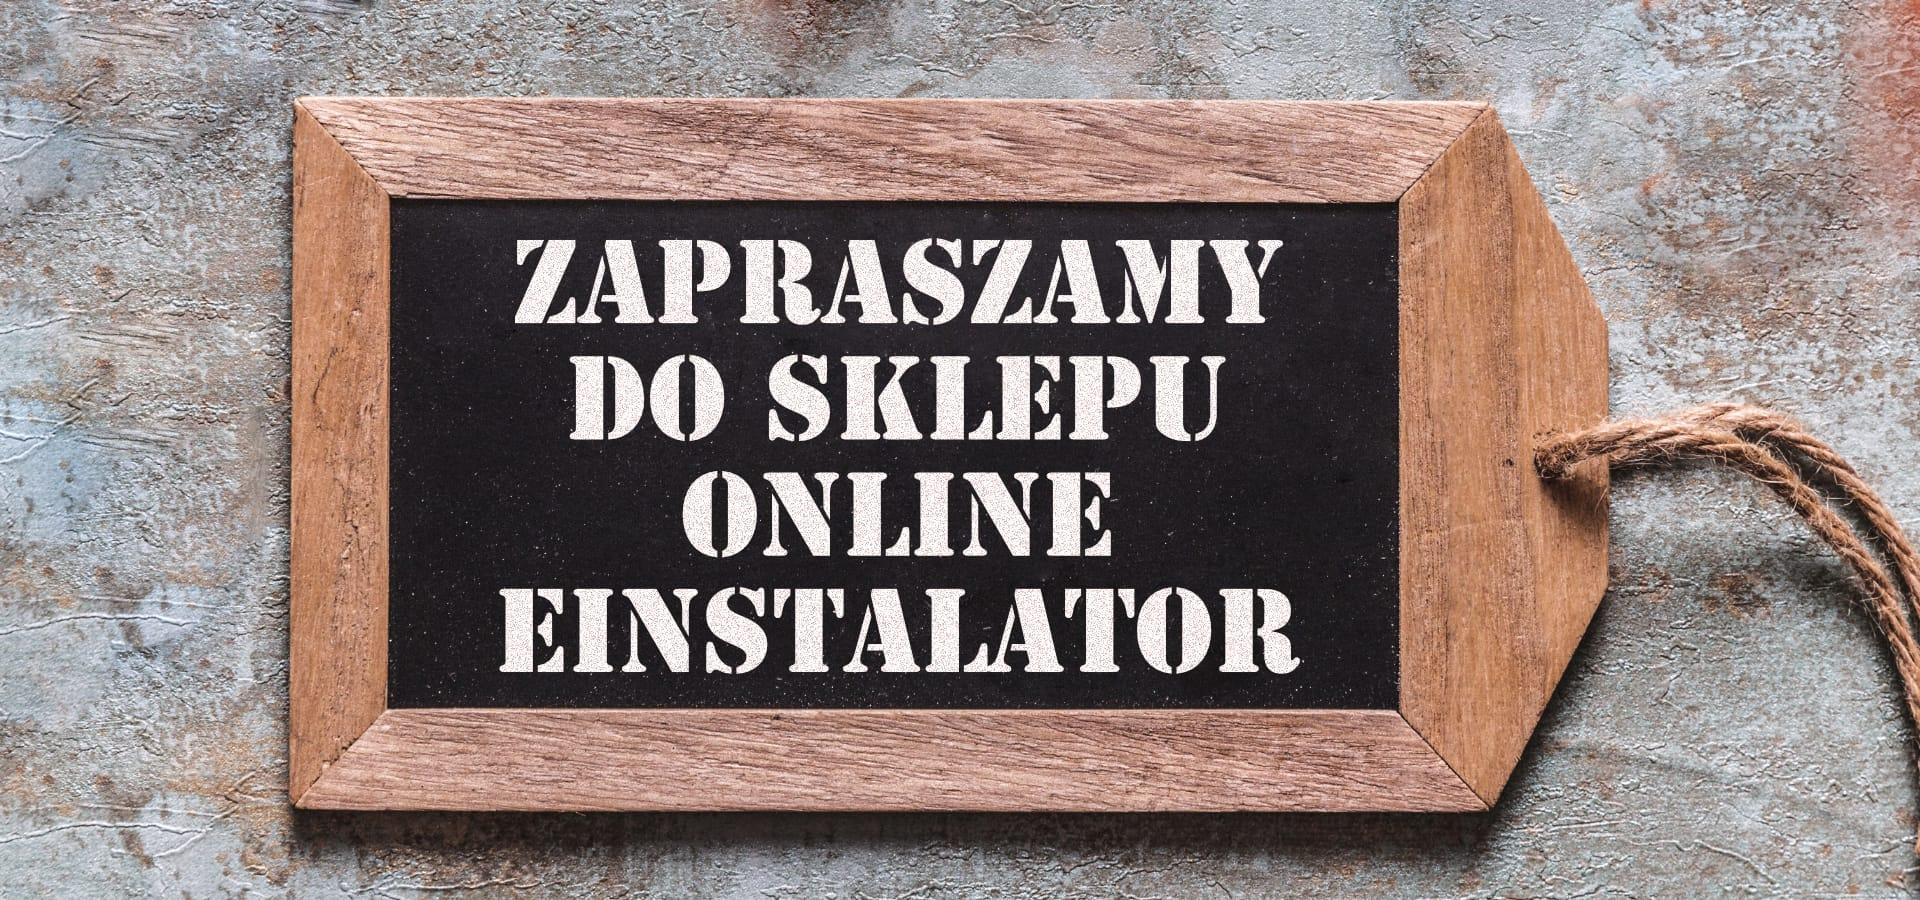 einstalaotr sklep online